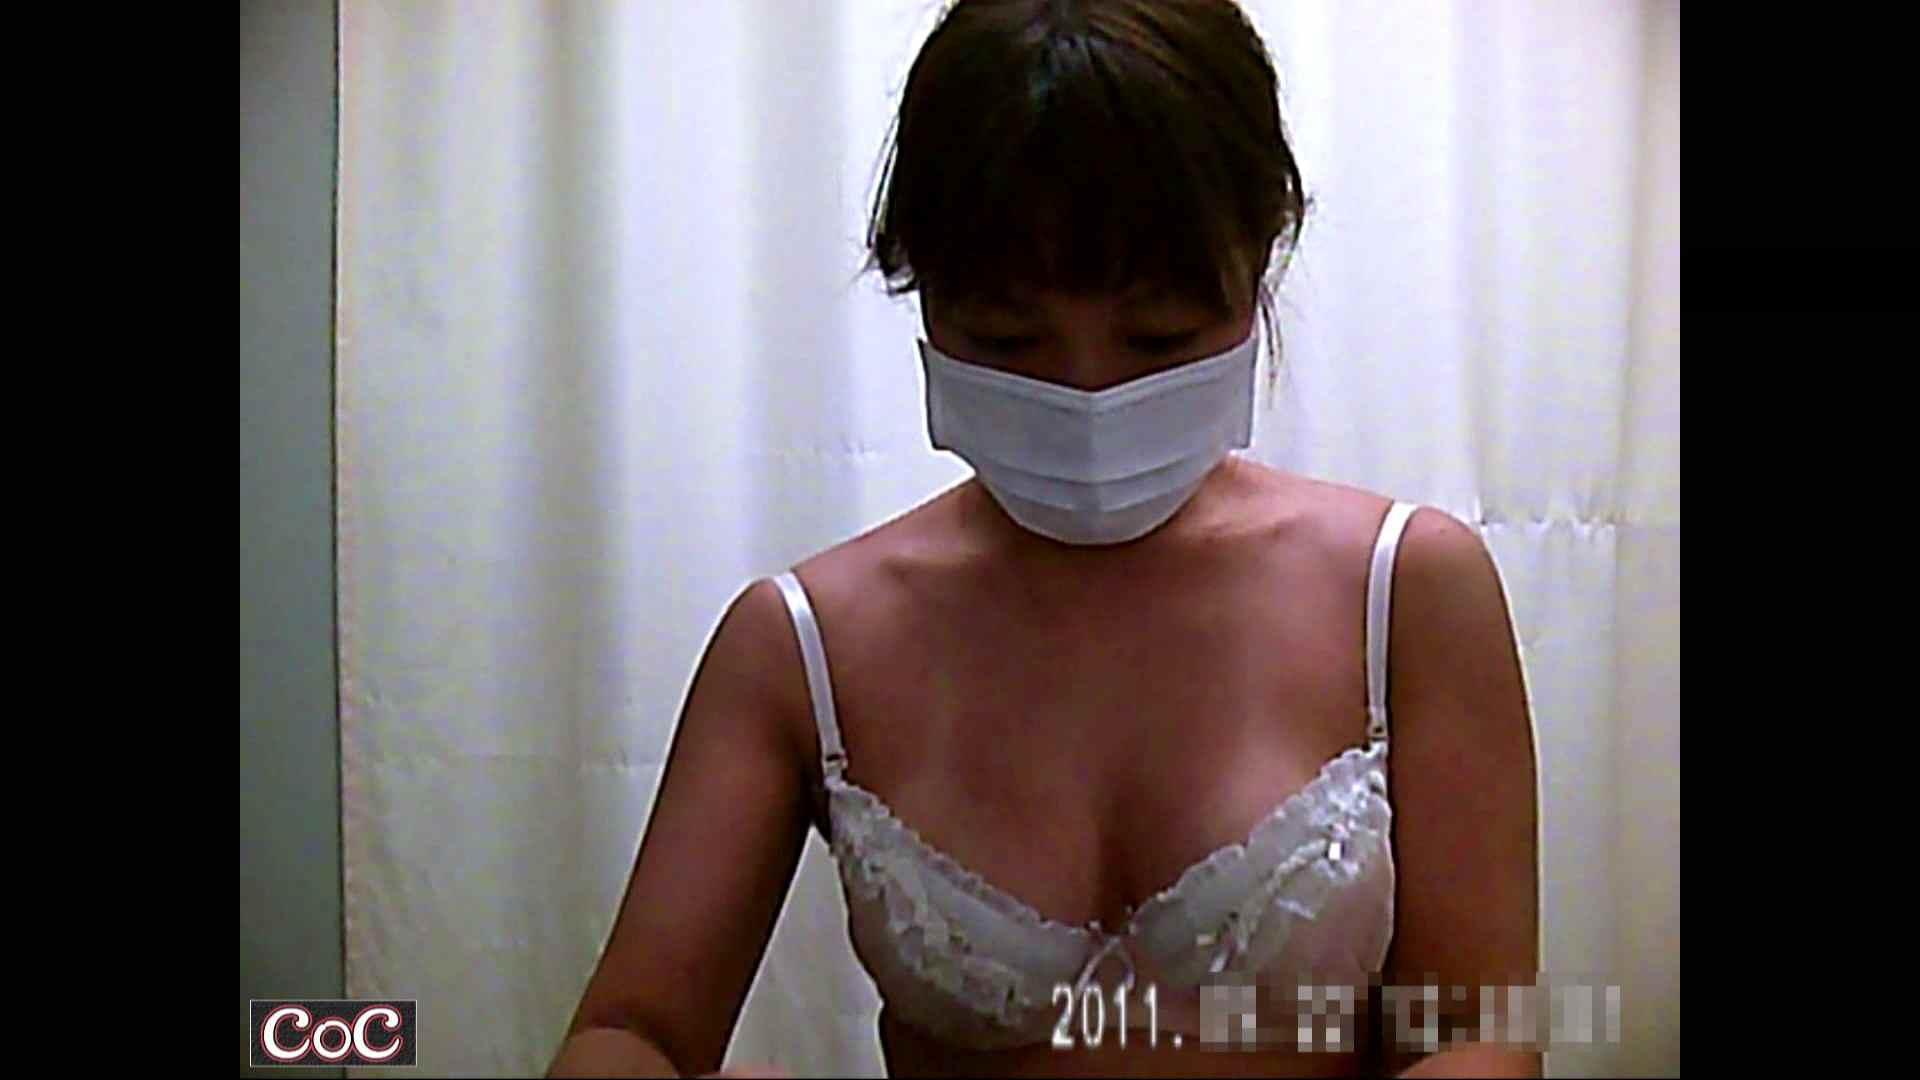 病院おもいっきり着替え! vol.33 乳首ポロリ 覗きスケベ動画紹介 89画像 26